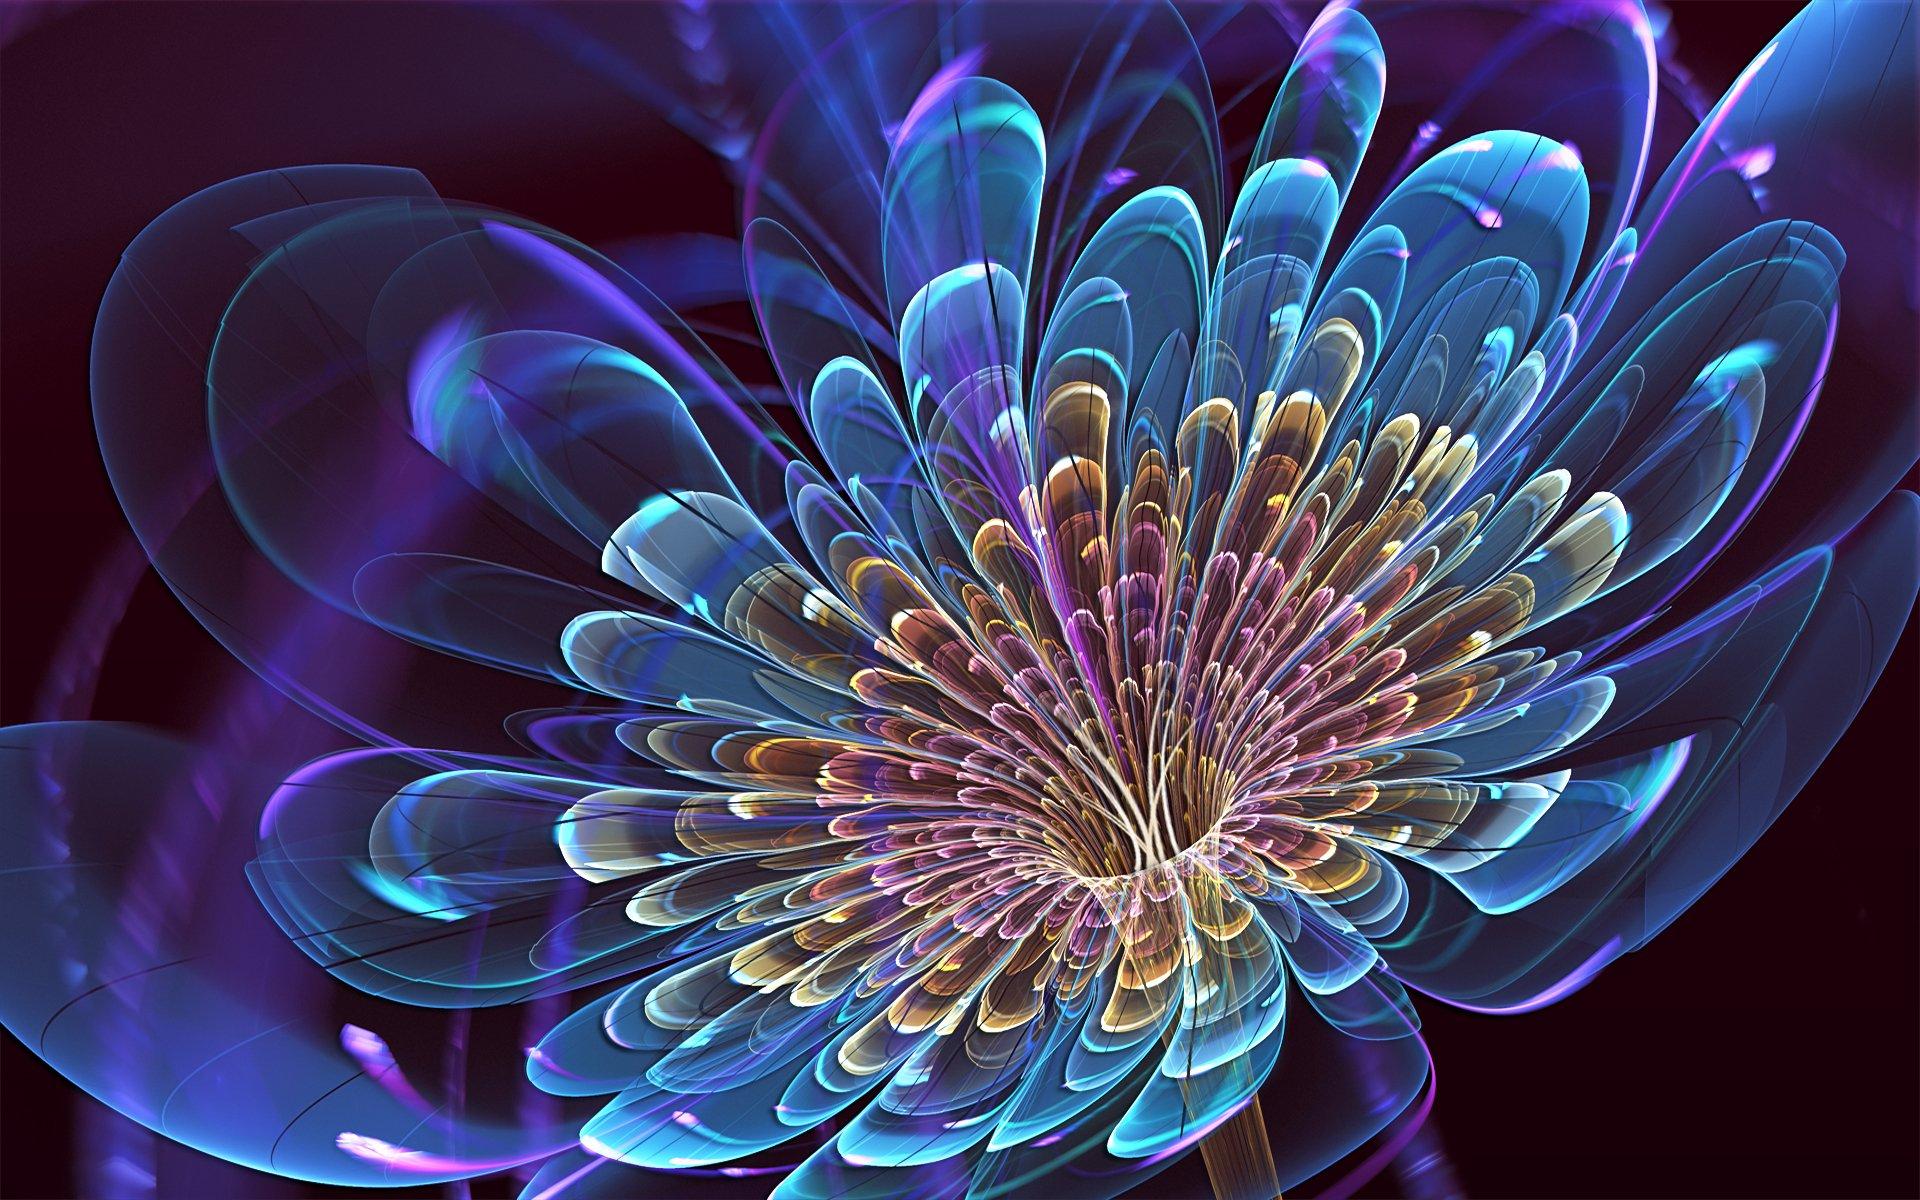 3D Blooming Flower Widescreen HD Wallpaper 1920x1200